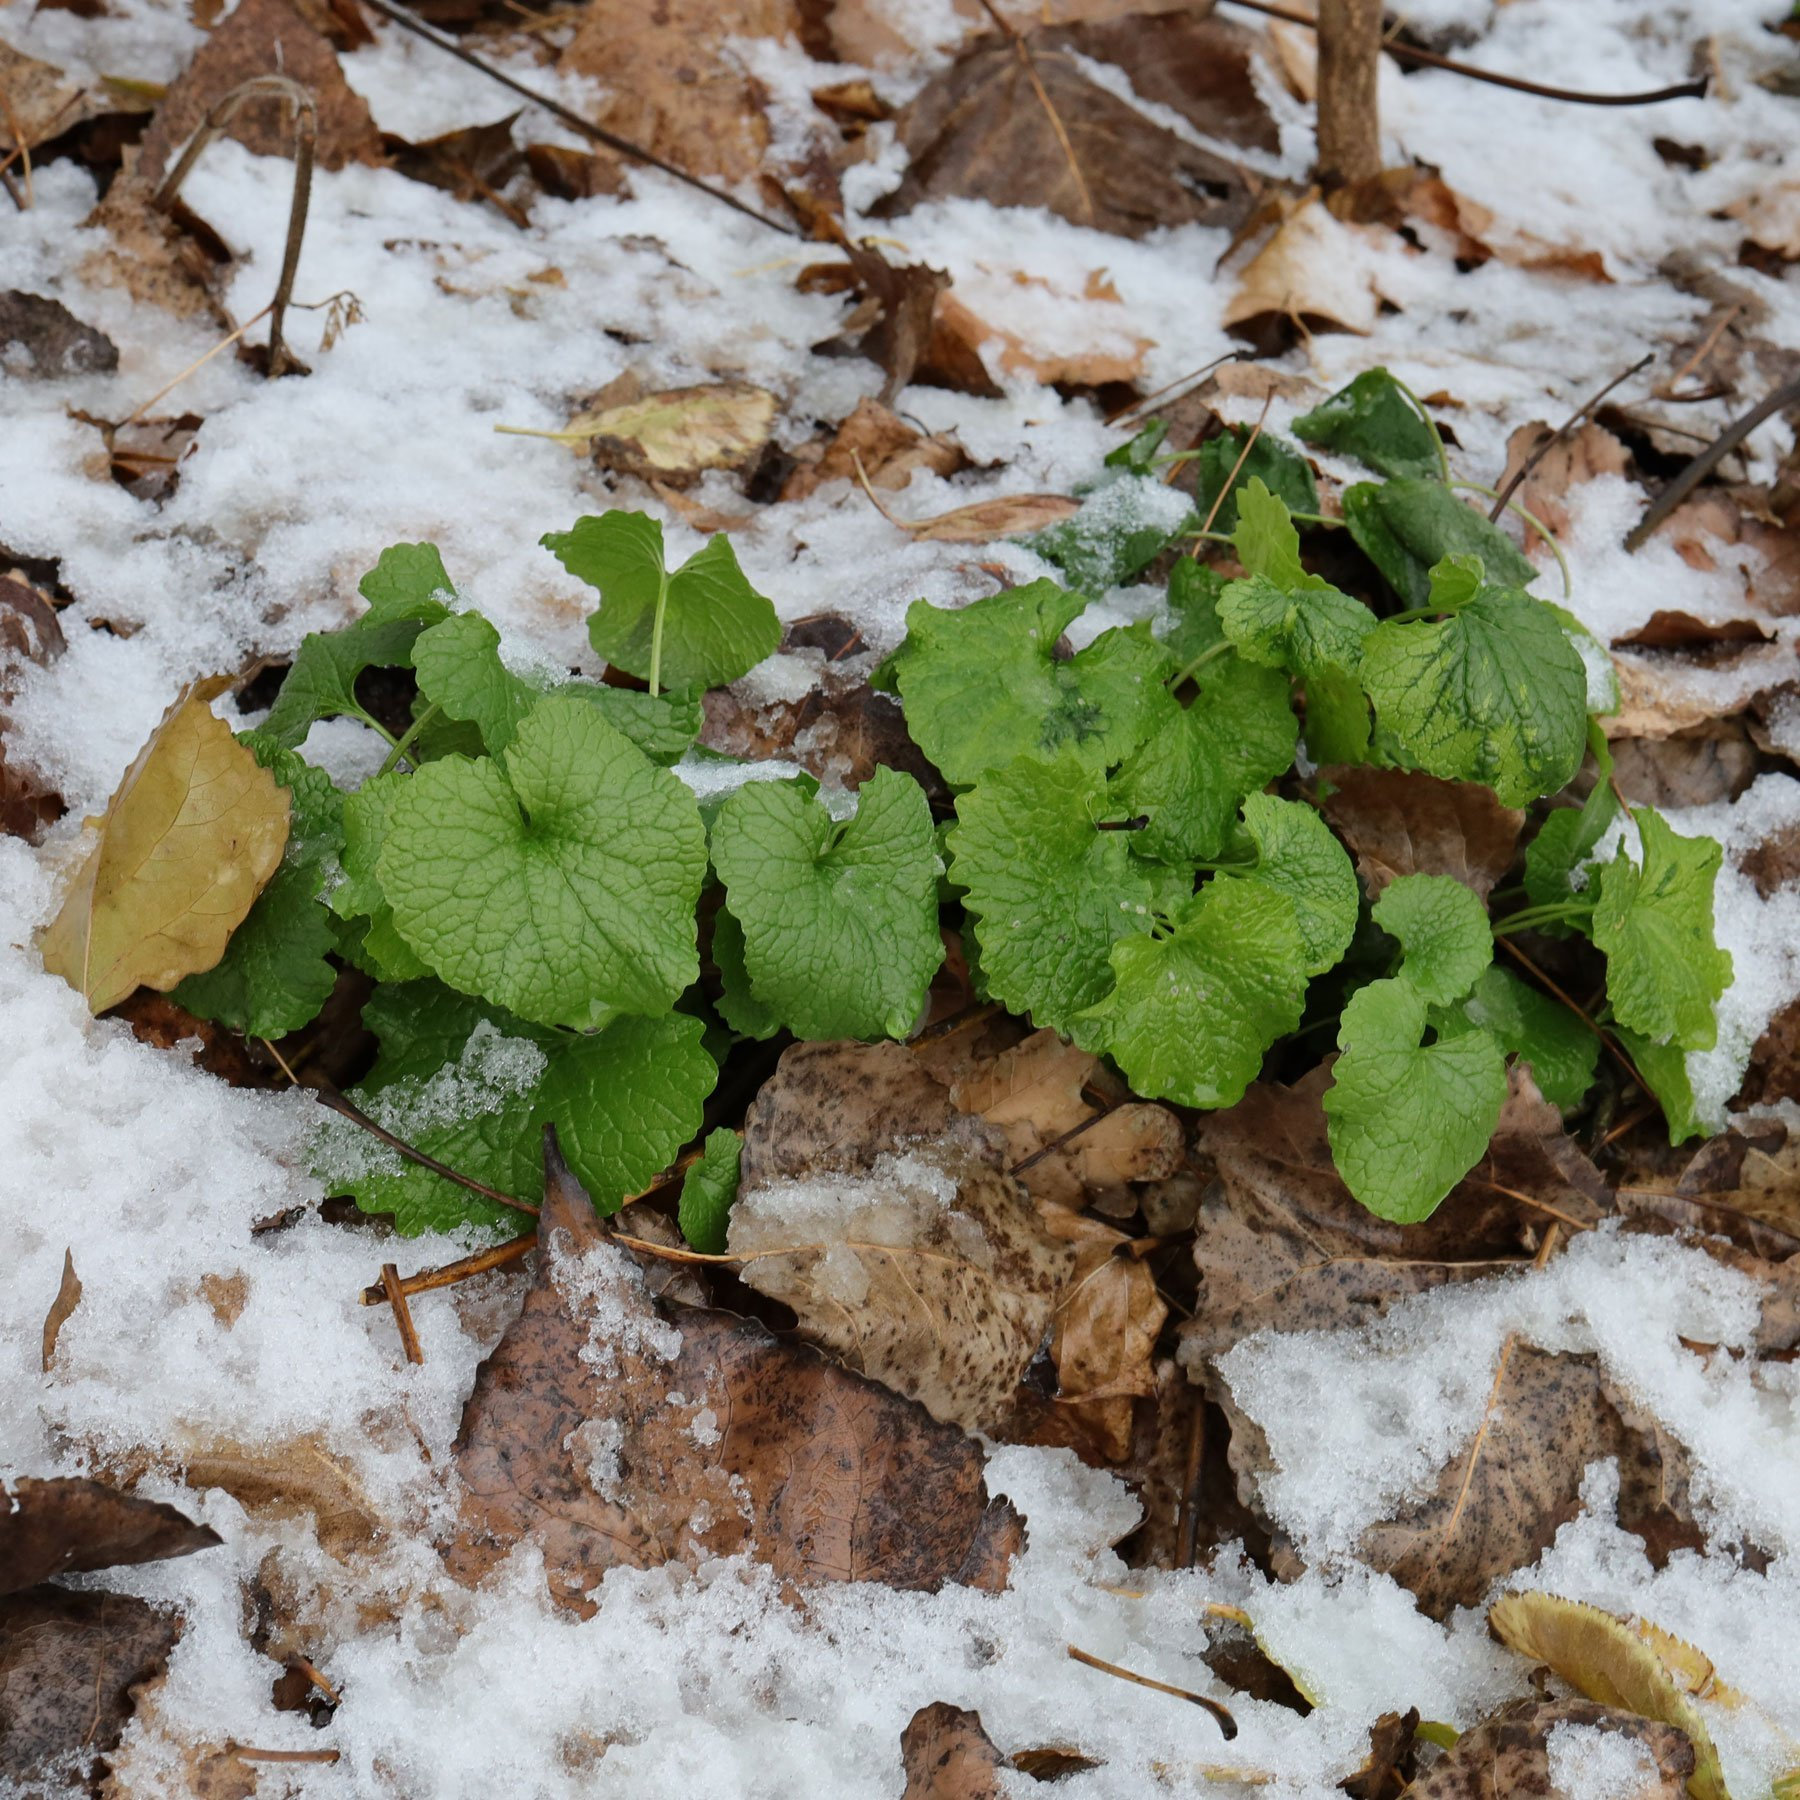 Knoblauchsrauke im Schnee